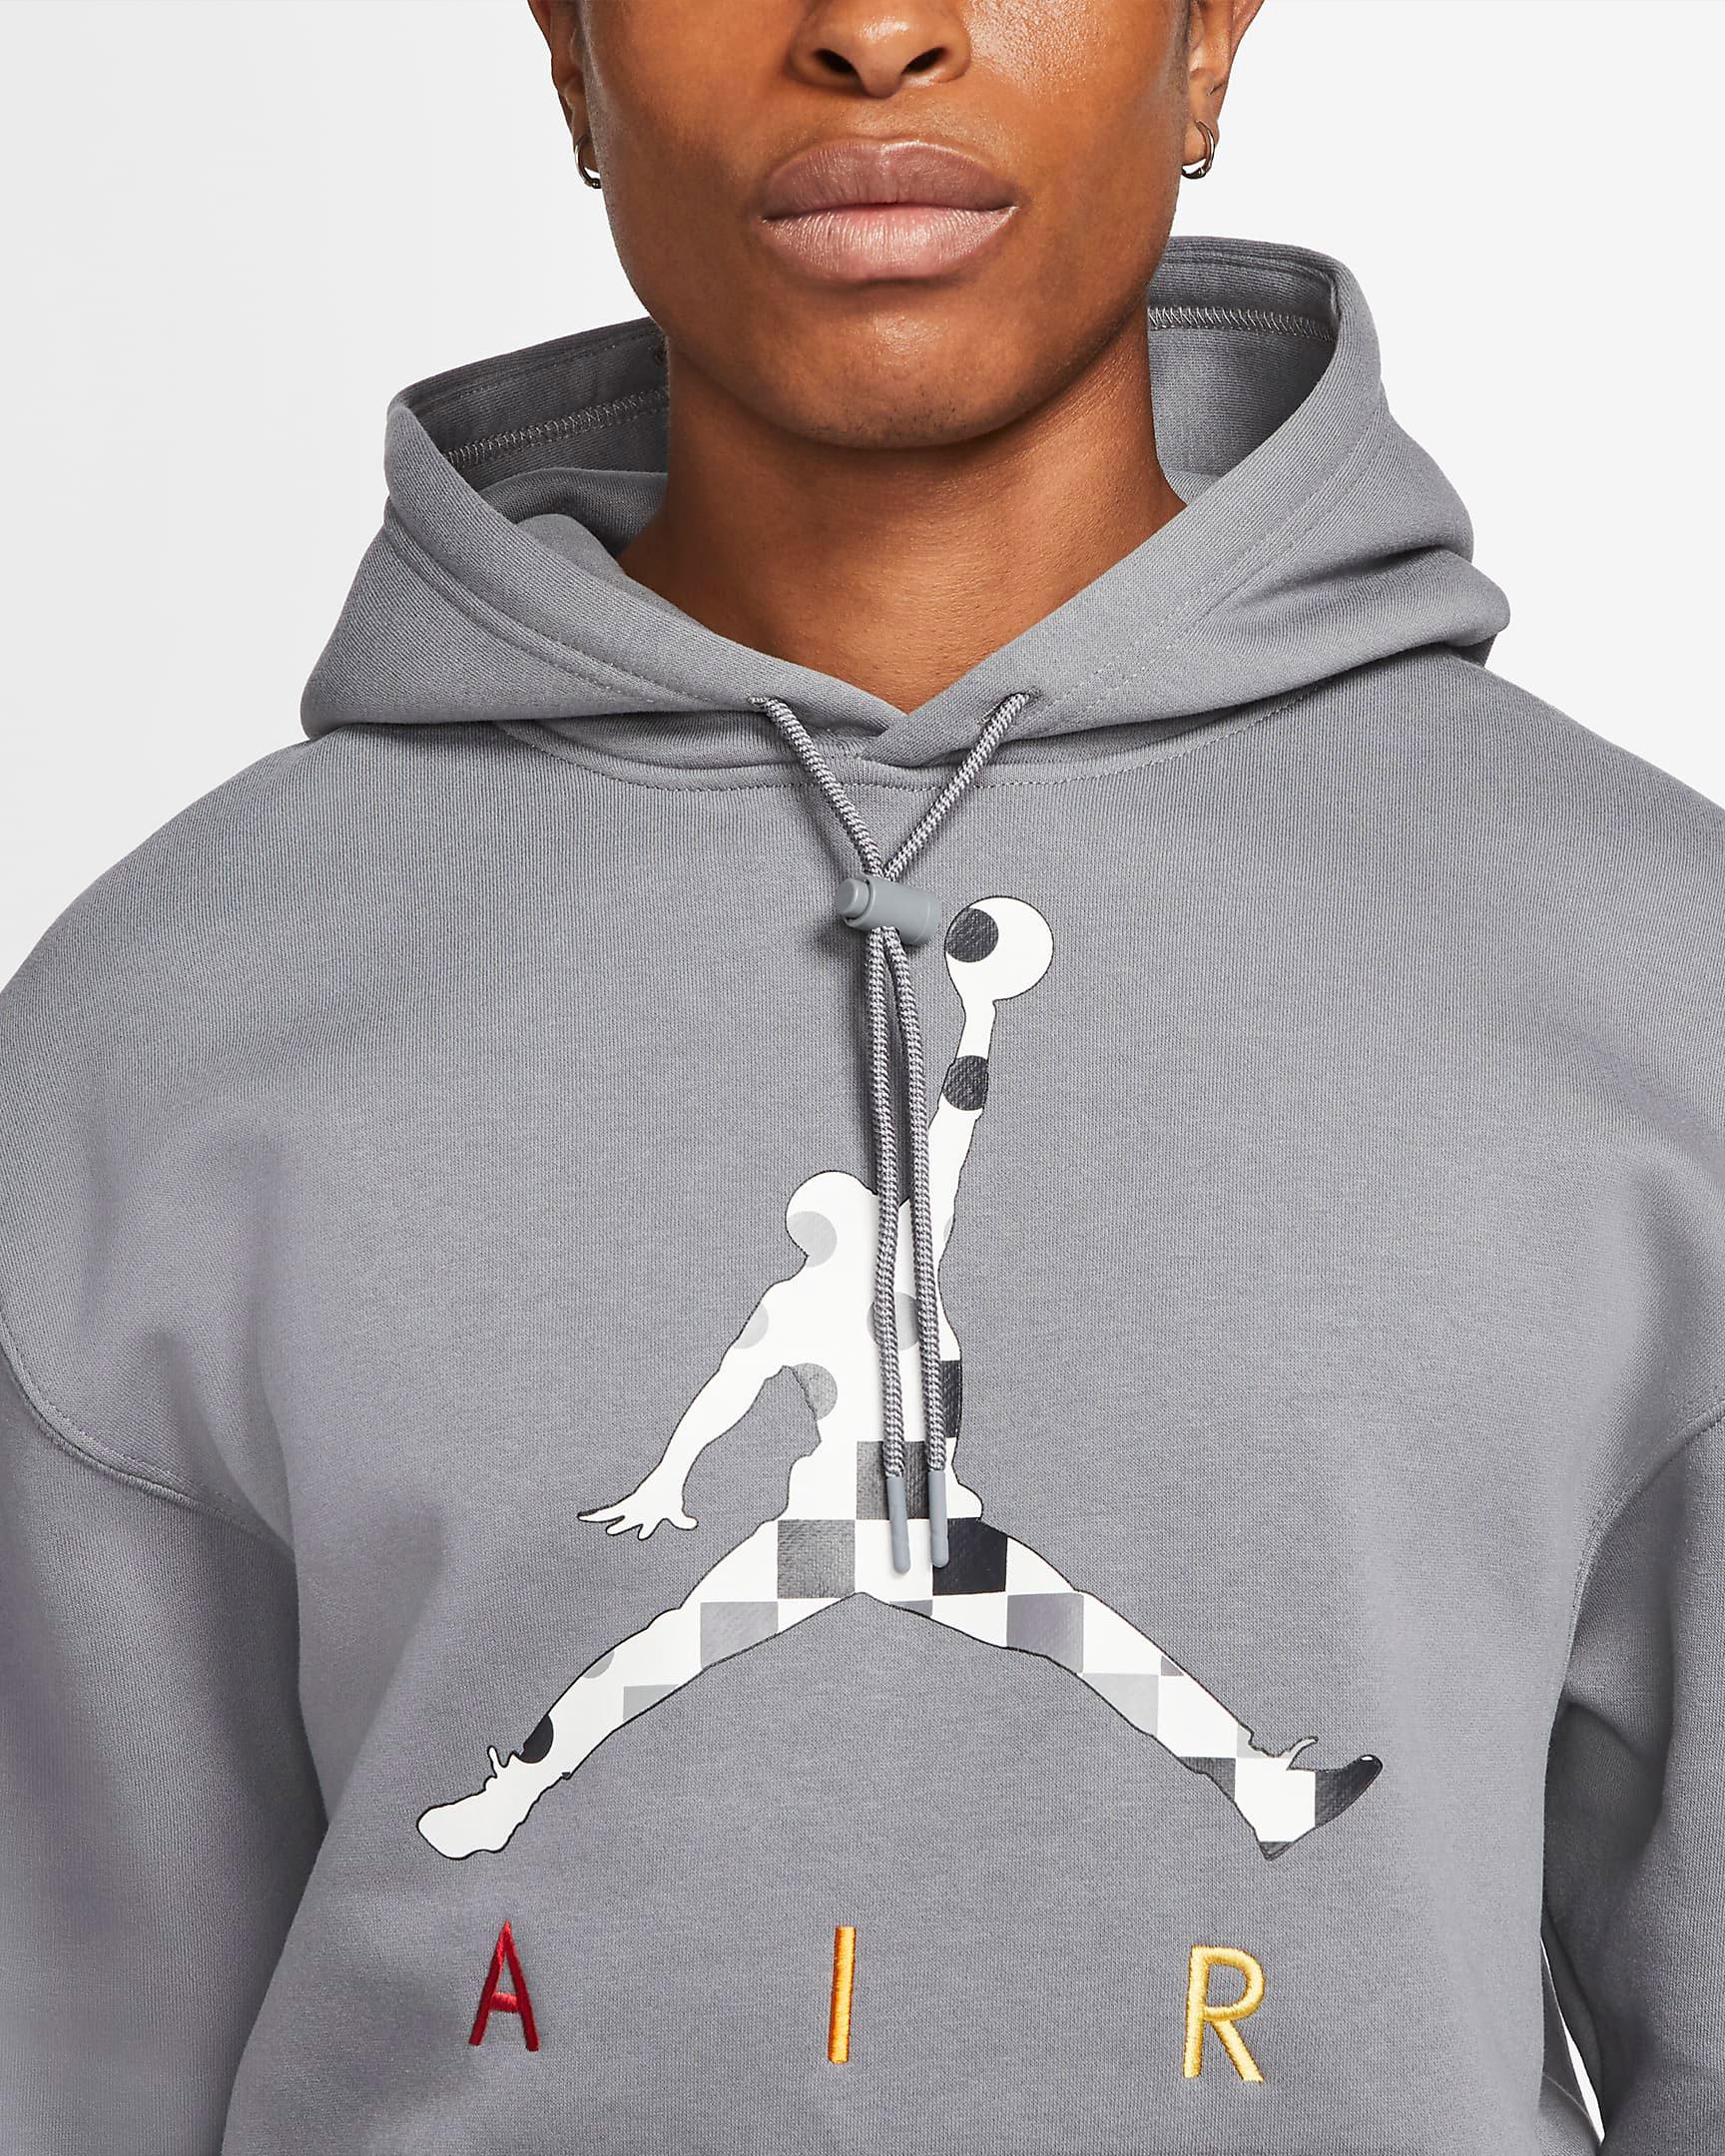 where-to-buy-air-jordan-3-cool-grey-2021-hoodie-2